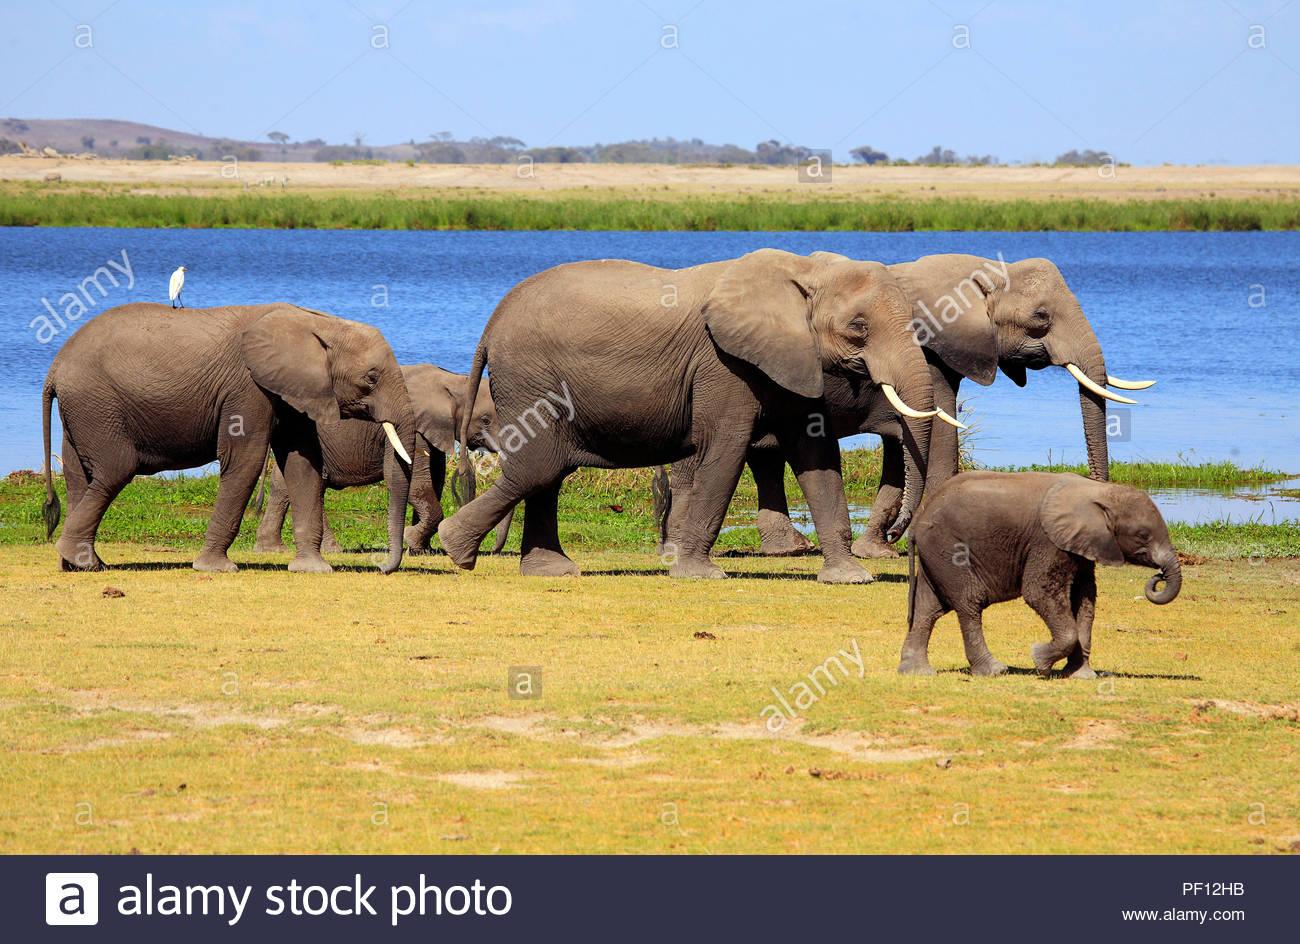 Afrikanische Elefanten (Loxodonta africana), Amboseli-Nationalpark, Kenia   African bush elephant or African elephant (Loxodonta africana), Amboseli N - Stock Image